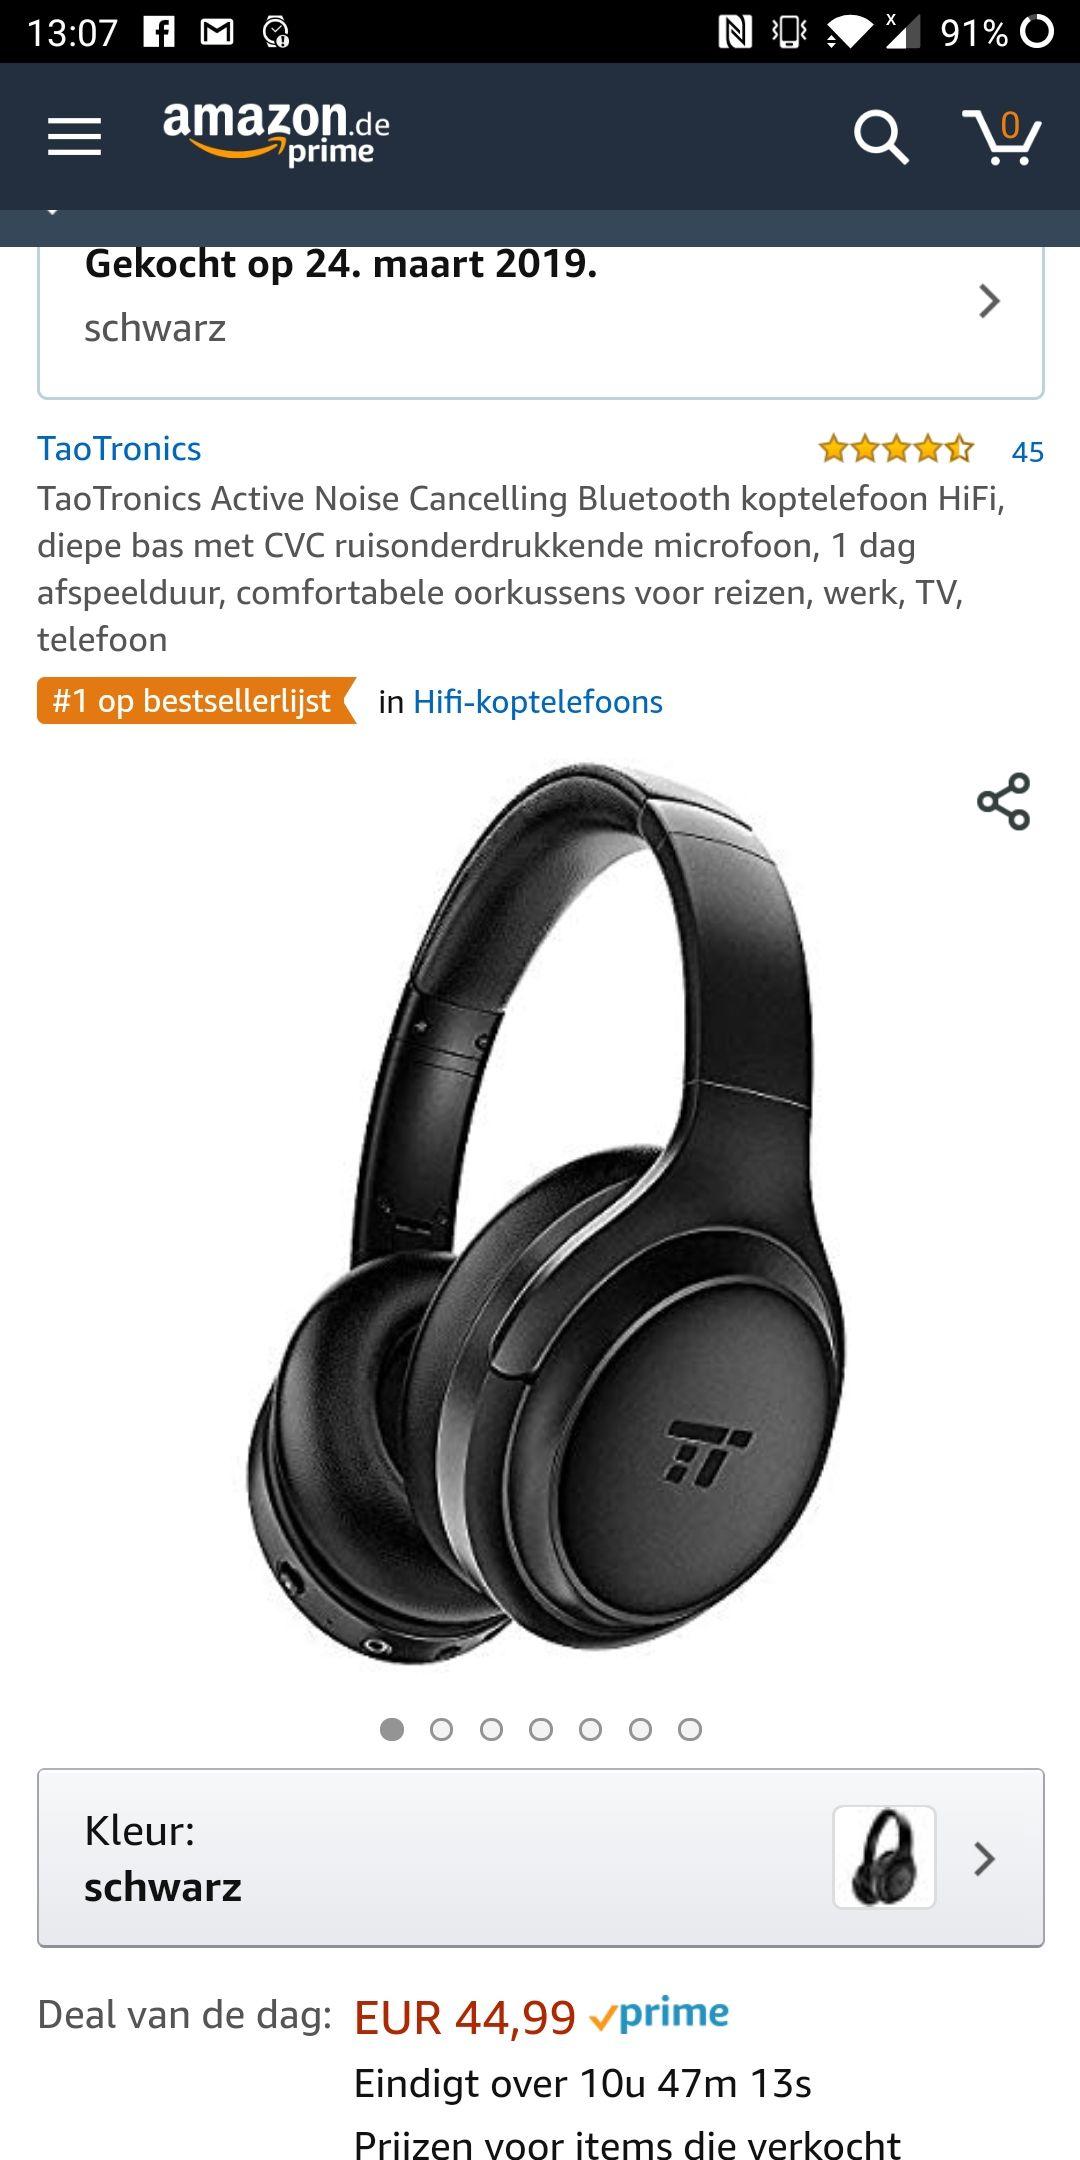 TaoTronics active noise cancelling headphones (tt-b060) voor €44,99 (DAGDEAL)